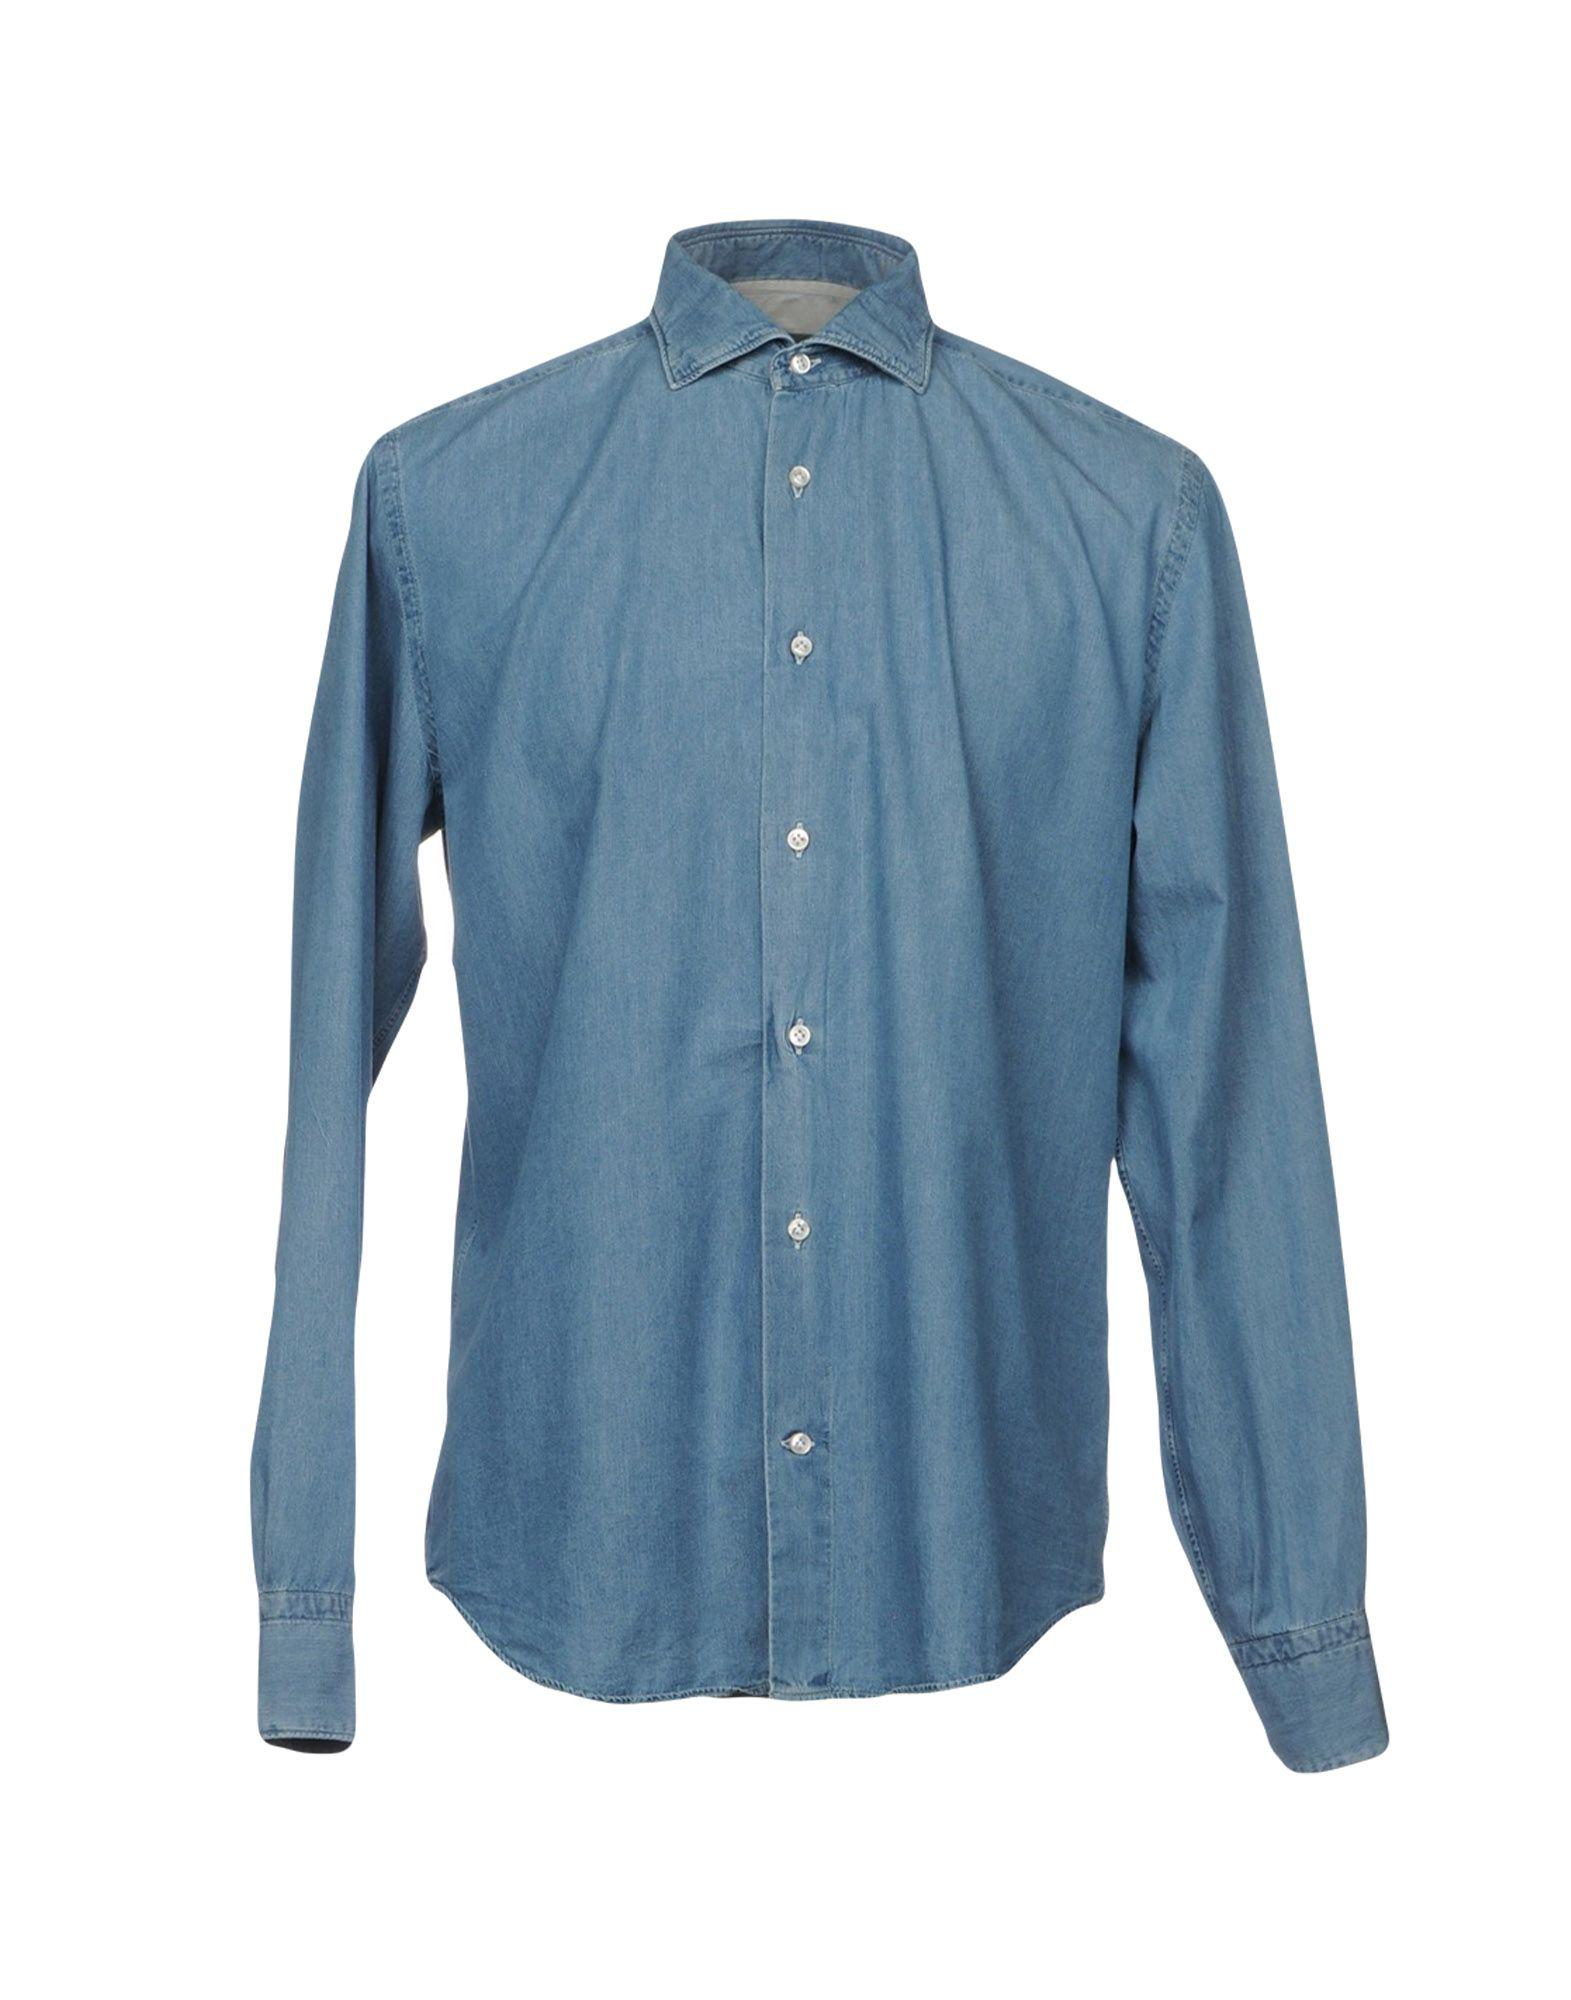 《送料無料》ELEVENTY メンズ デニムシャツ ブルー 44 100% コットン